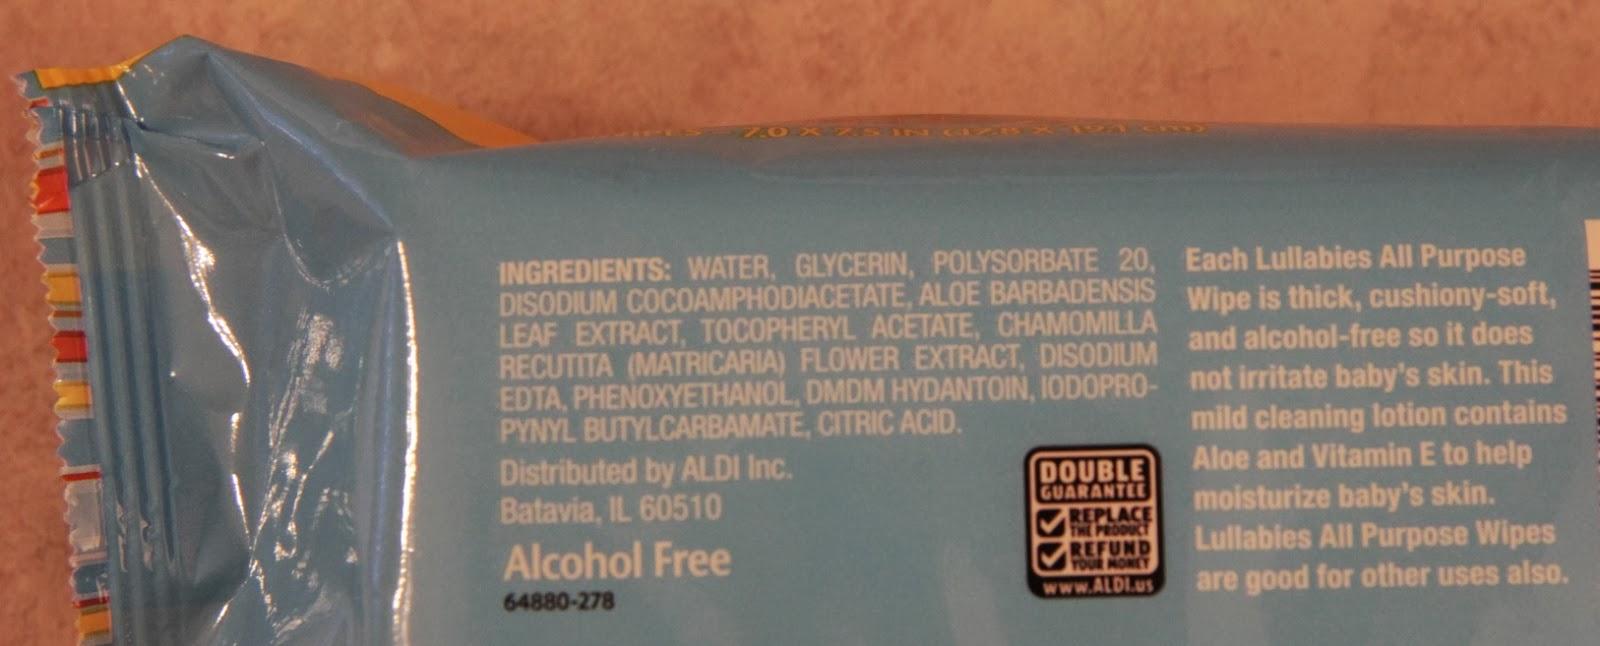 Aldi Lullabies Baby Wipe Ingredients